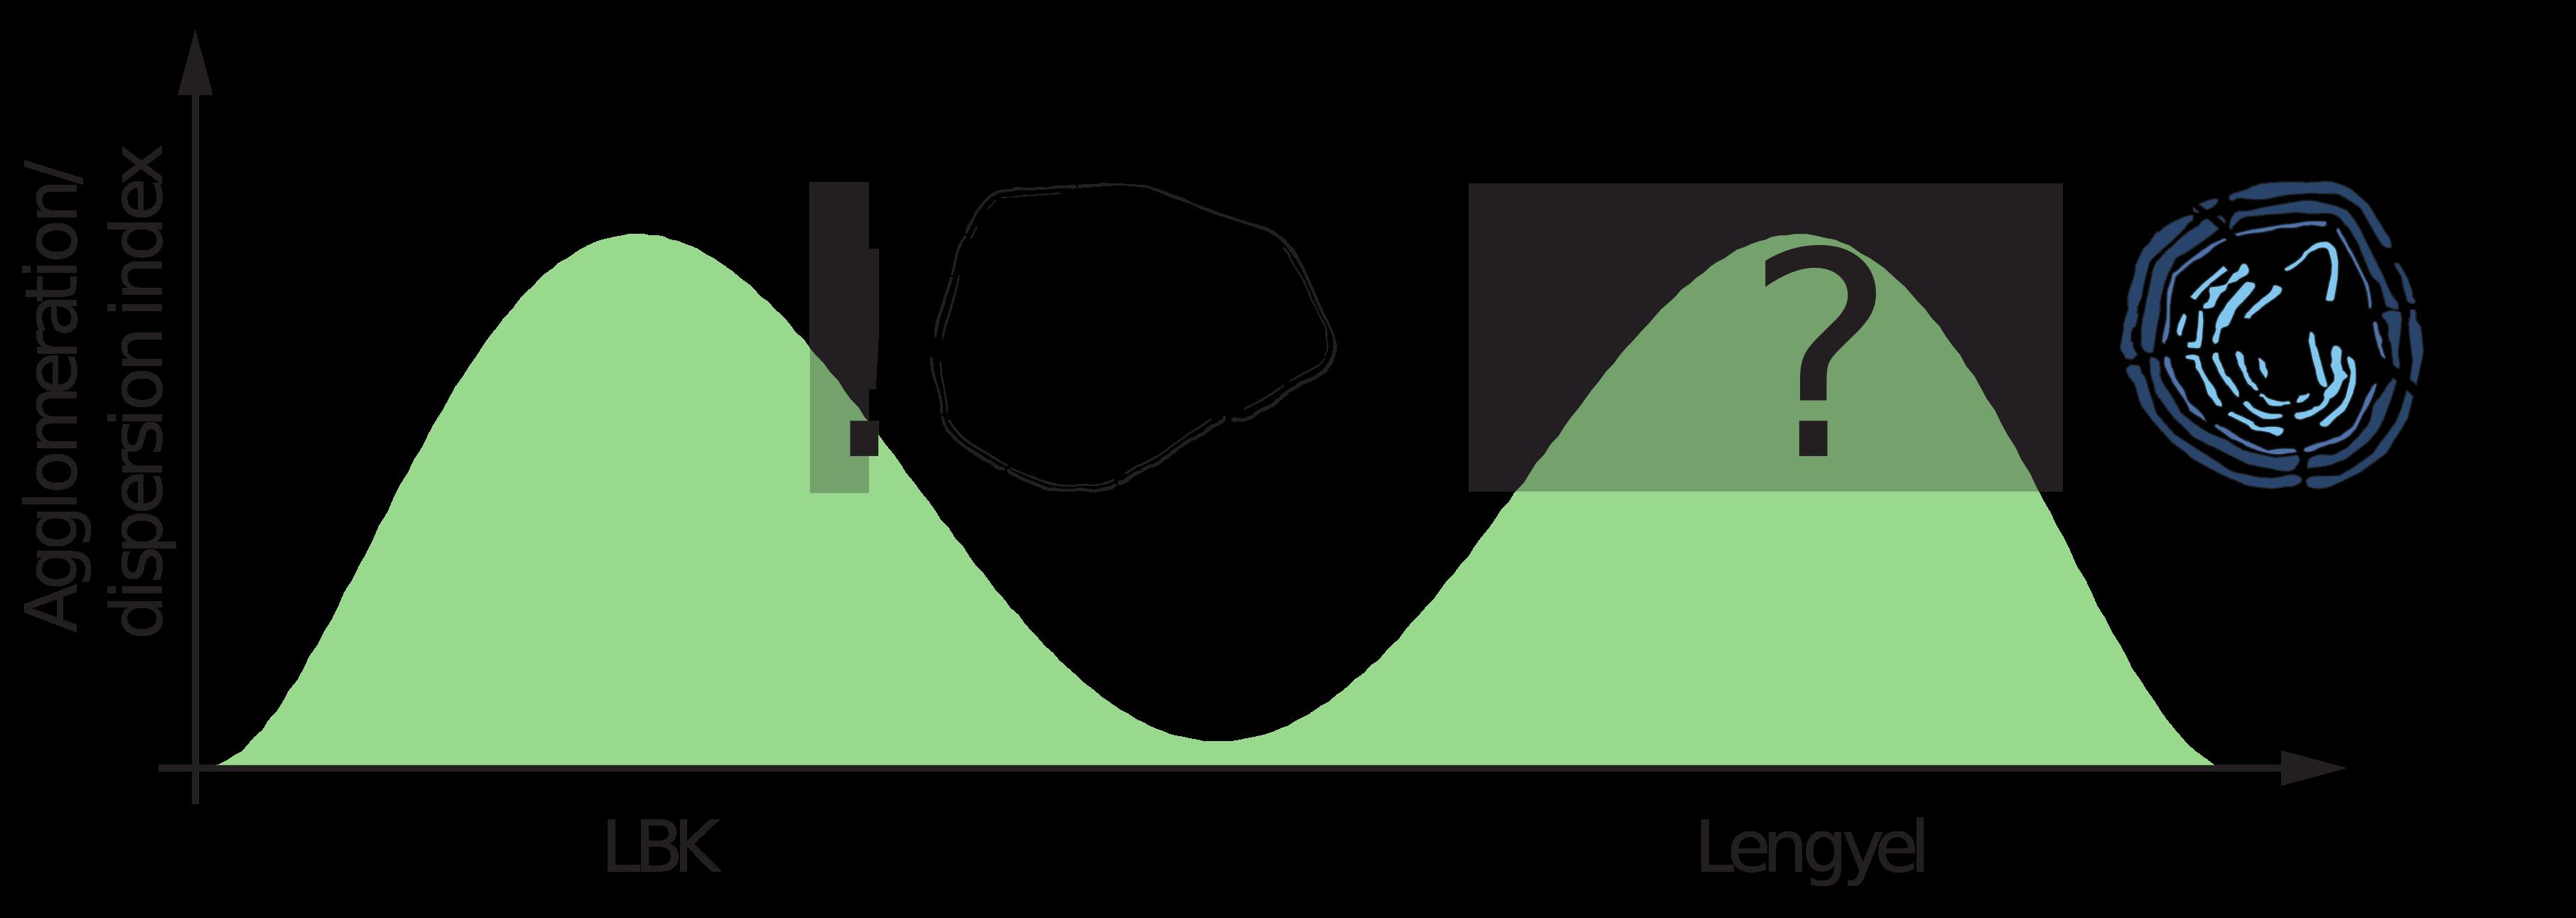 Die Entwicklung von Agglomerations- und Dispersionsprozessen in den LBK- und Lengyel-Phasen im Žitava-Tal